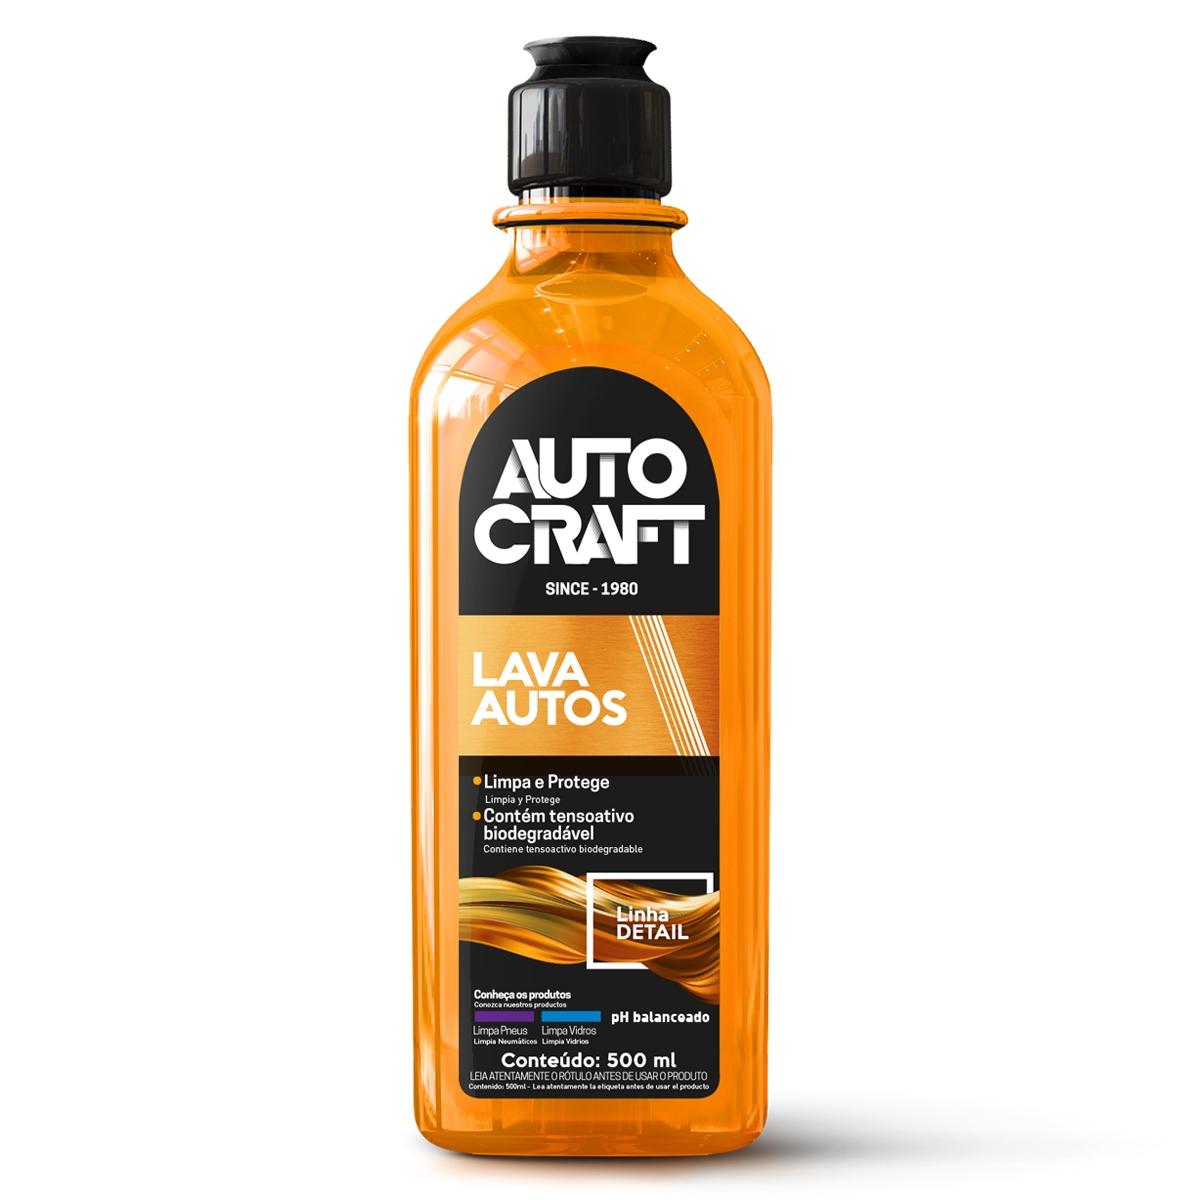 Shampoo Lava Autos Autocraft Proauto Carros Motos Caminhão